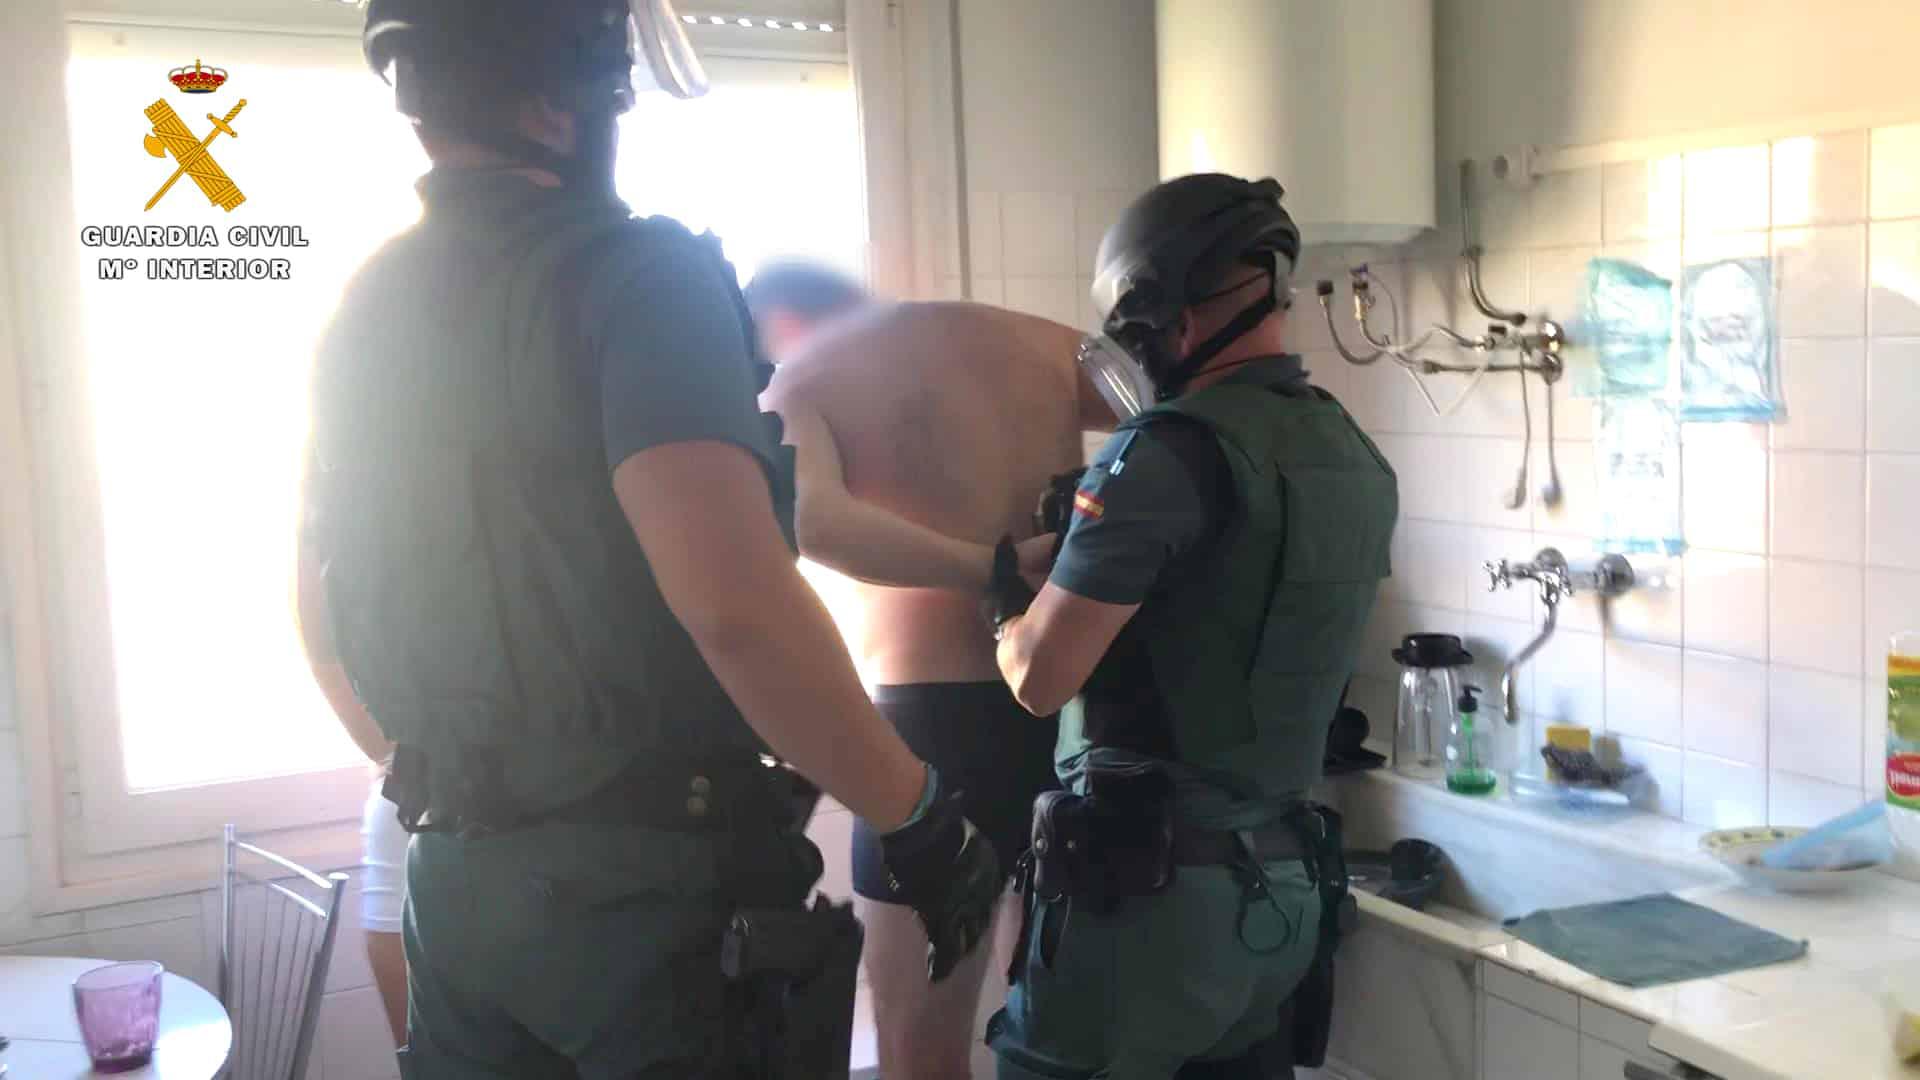 La Guardia Civil desmantela un punto de venta de cocaína en Fuenmayor 9